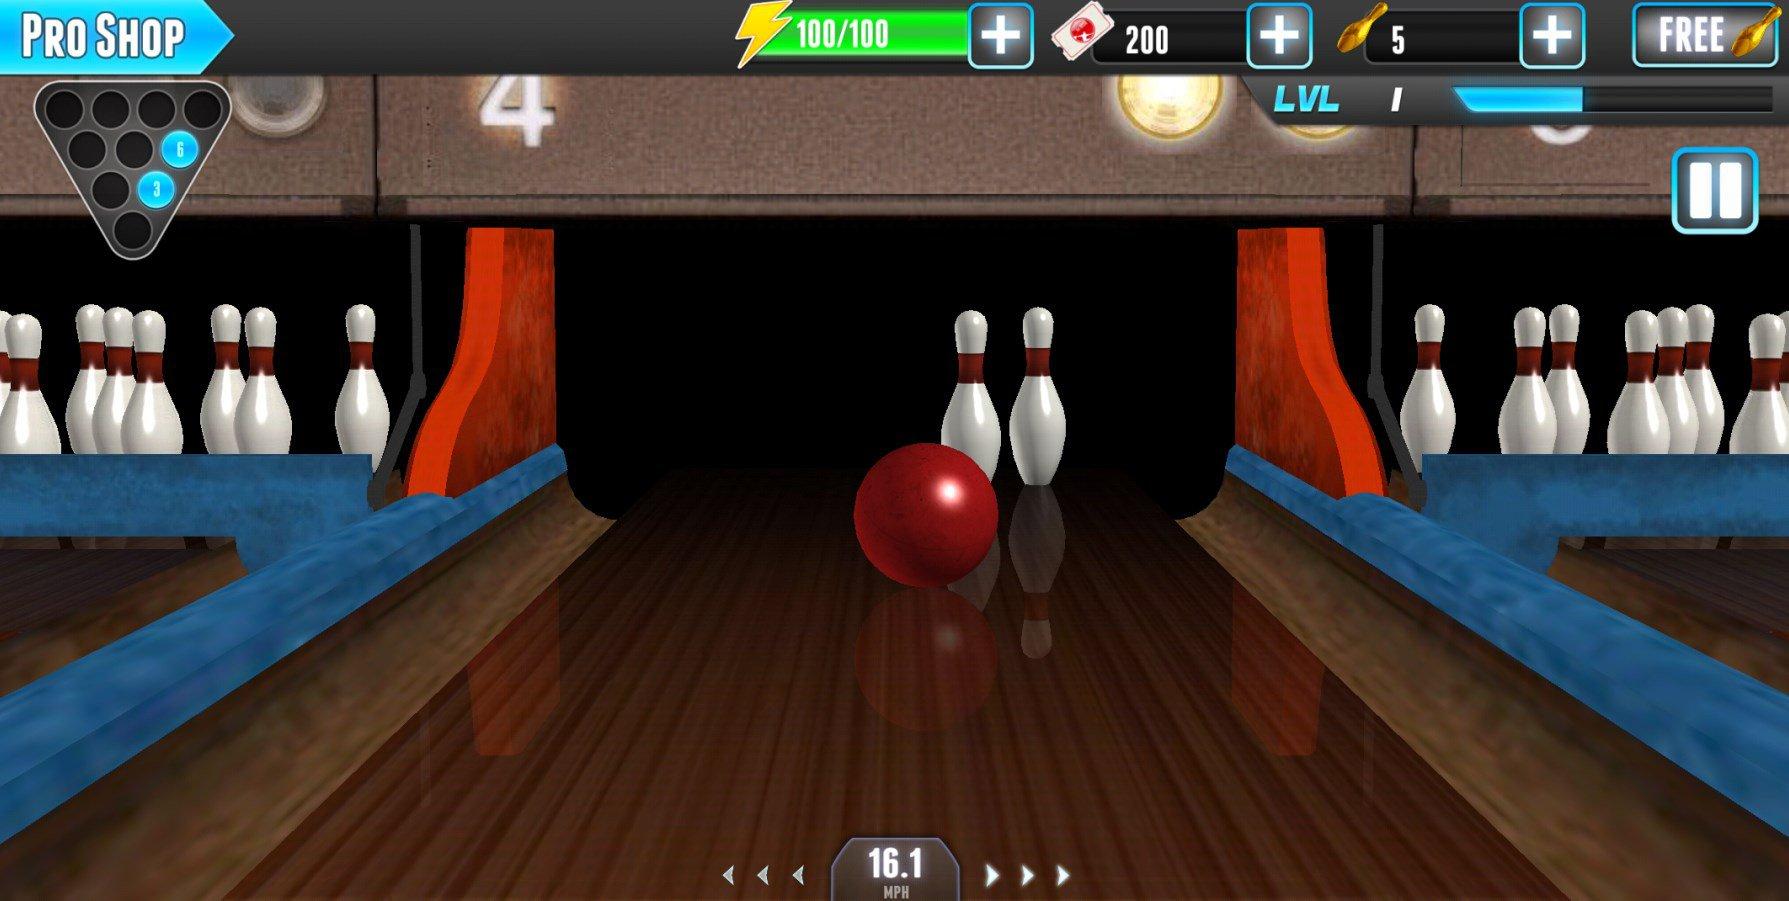 Pba Bowling Challenge 3.7.0 - Télécharger Pour Android Apk serapportantà Jeux Gratuits De Bowling